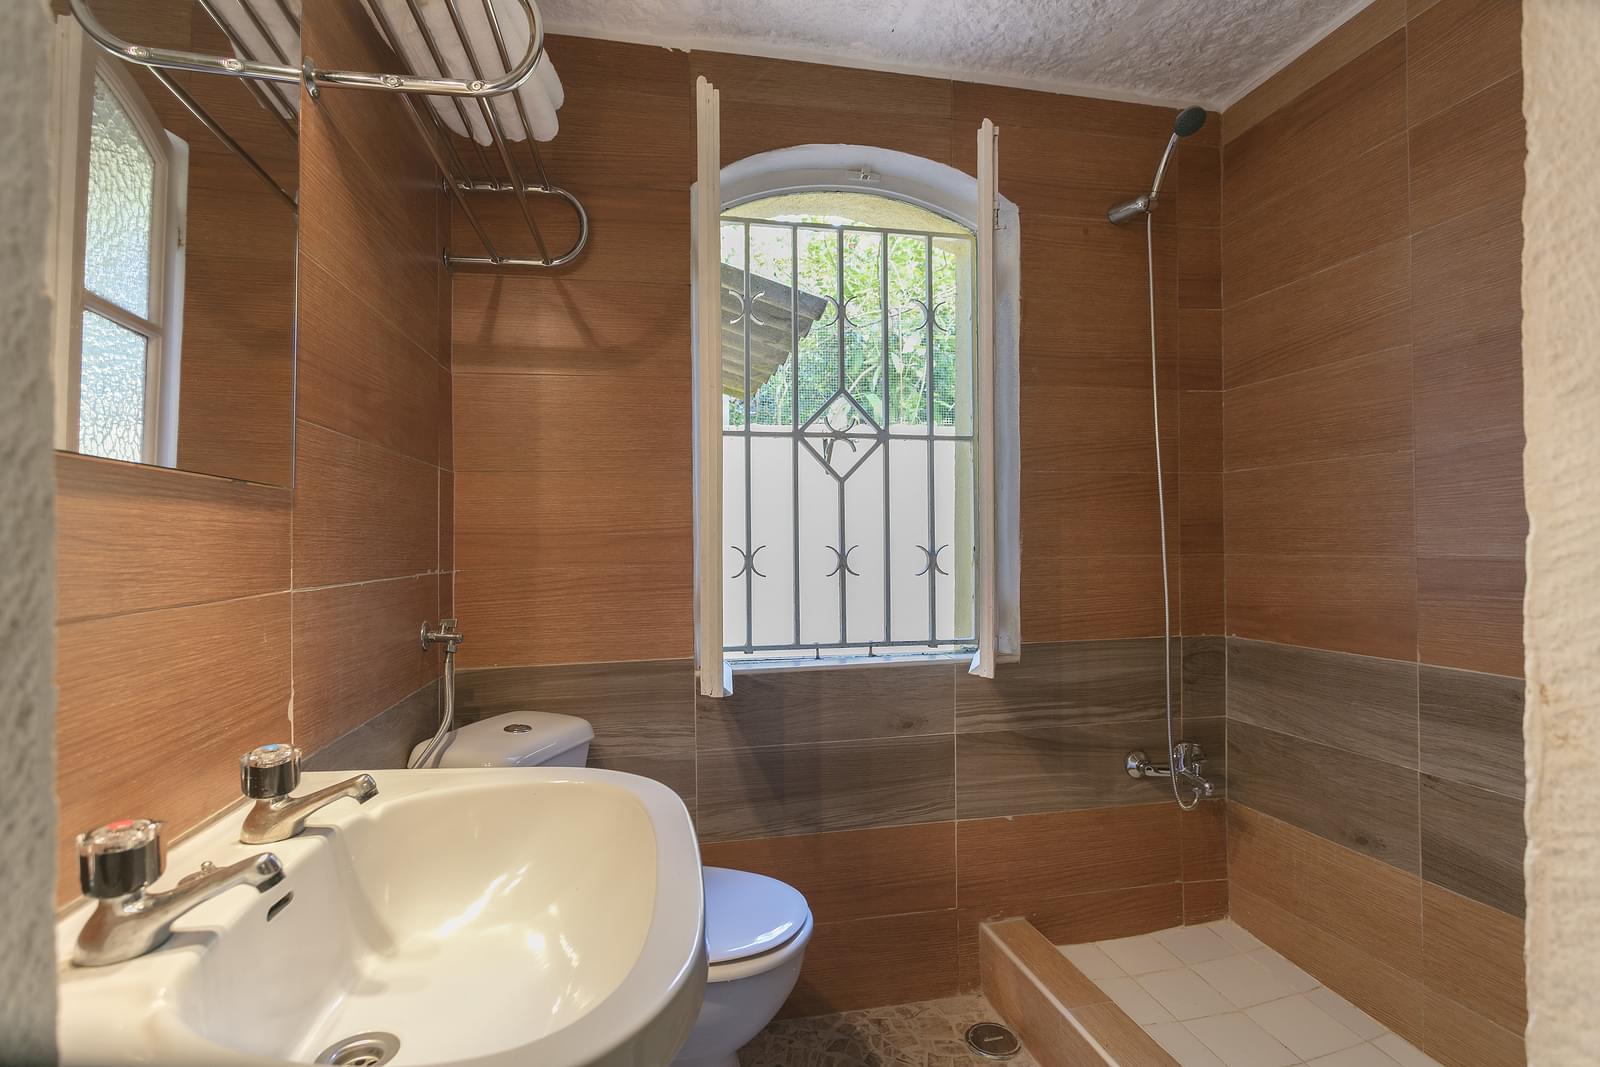 pf16716-apartamento-t2-3-lisboa-794afb95-dfe0-4098-b0dd-2f336681a81a